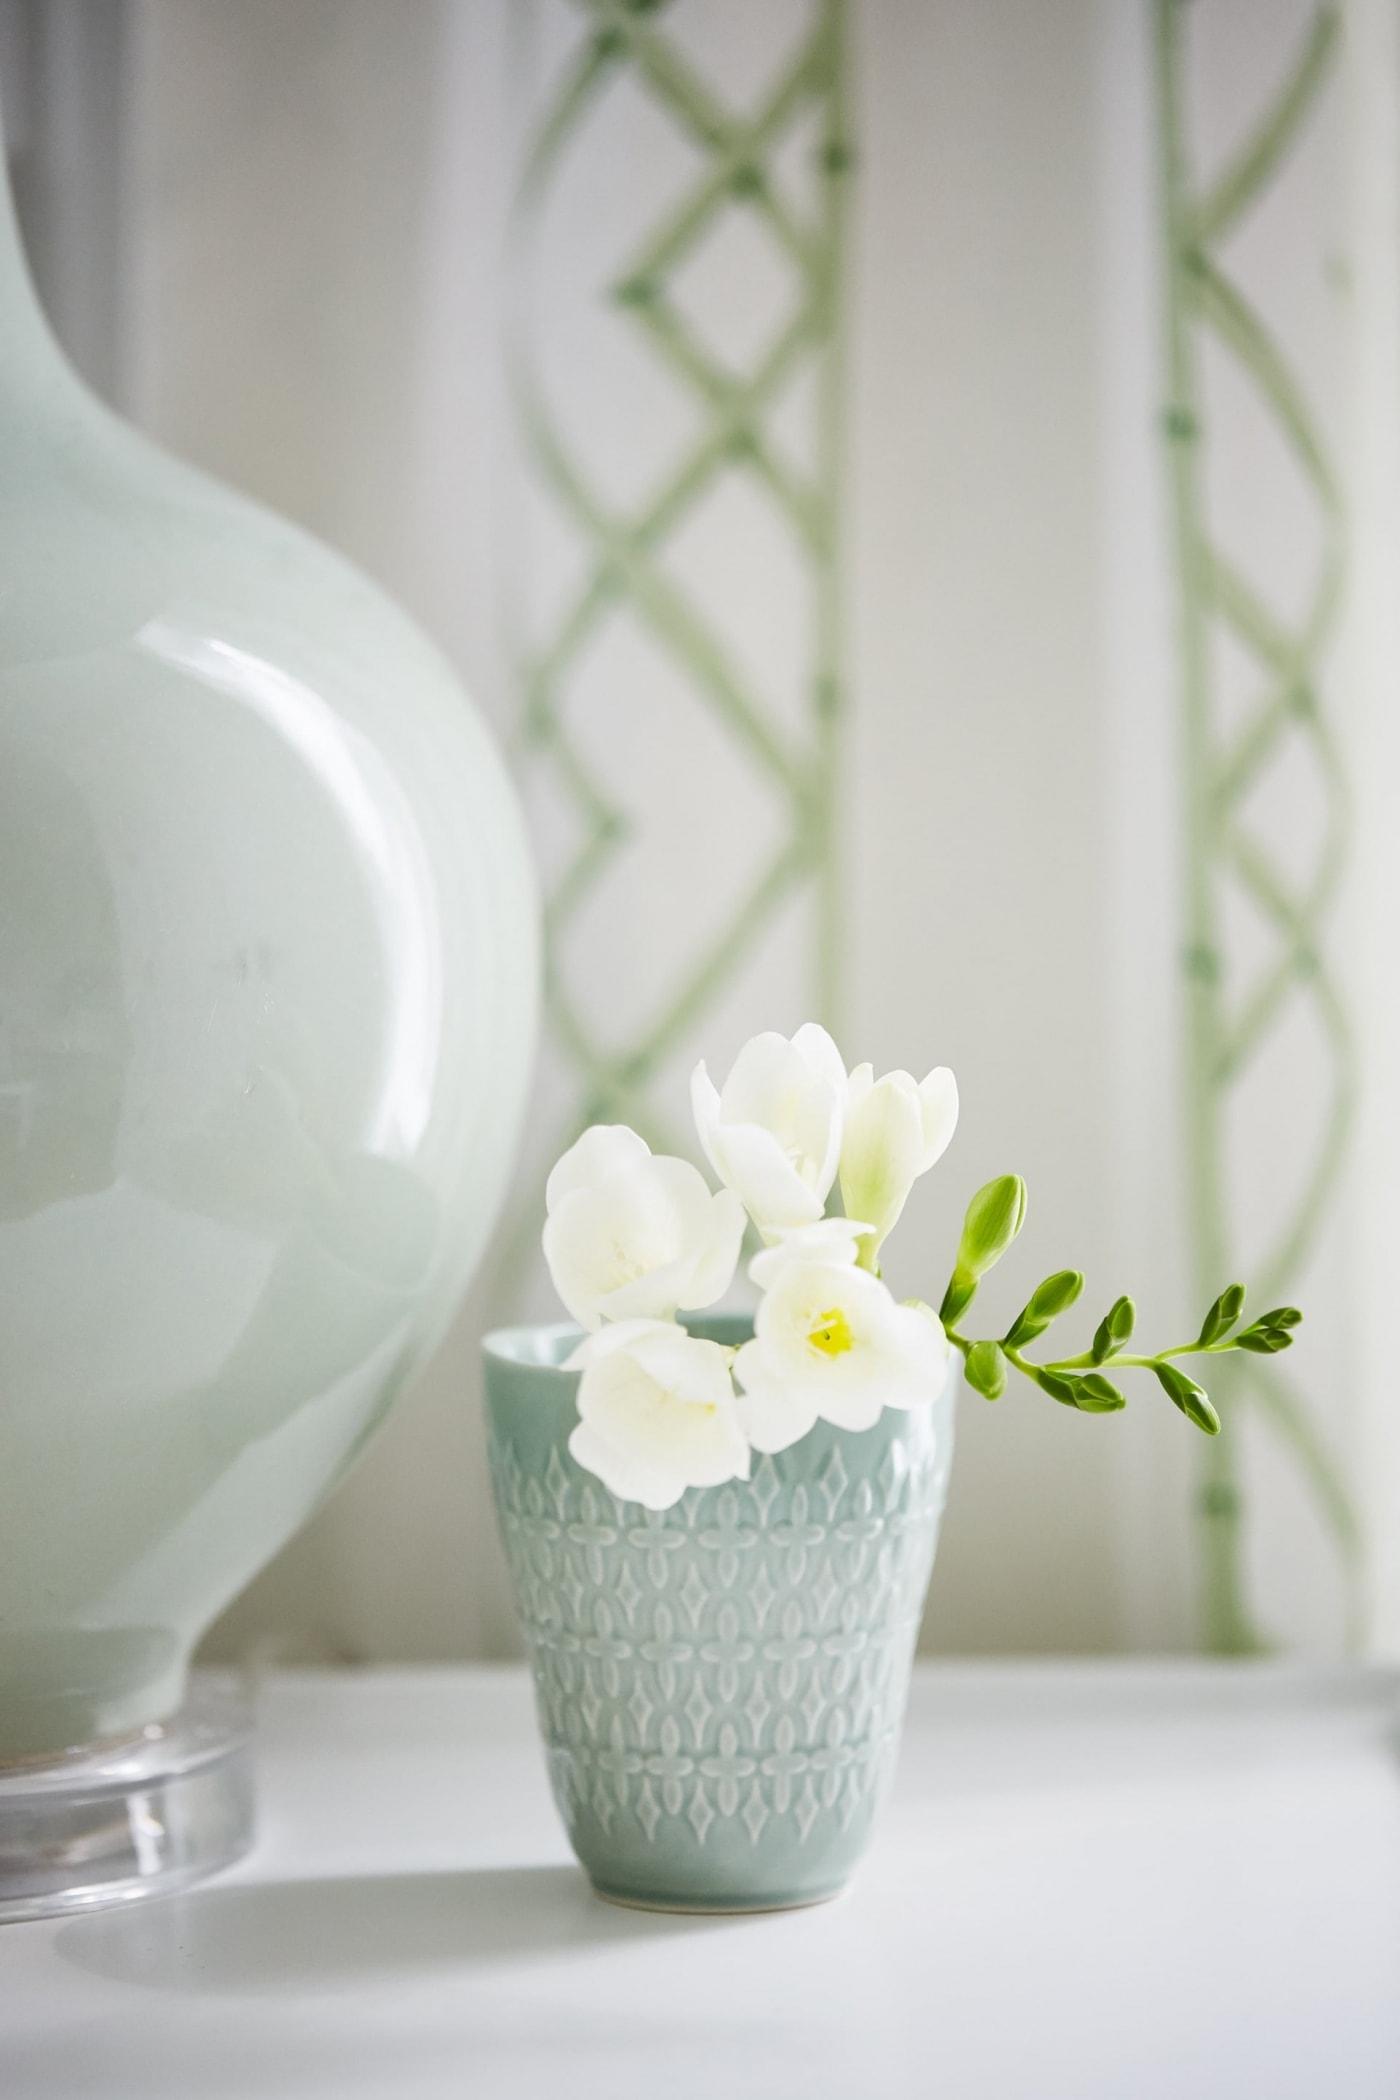 Beautiful aqua blue vase with white flowers and mint green lamp #aqua